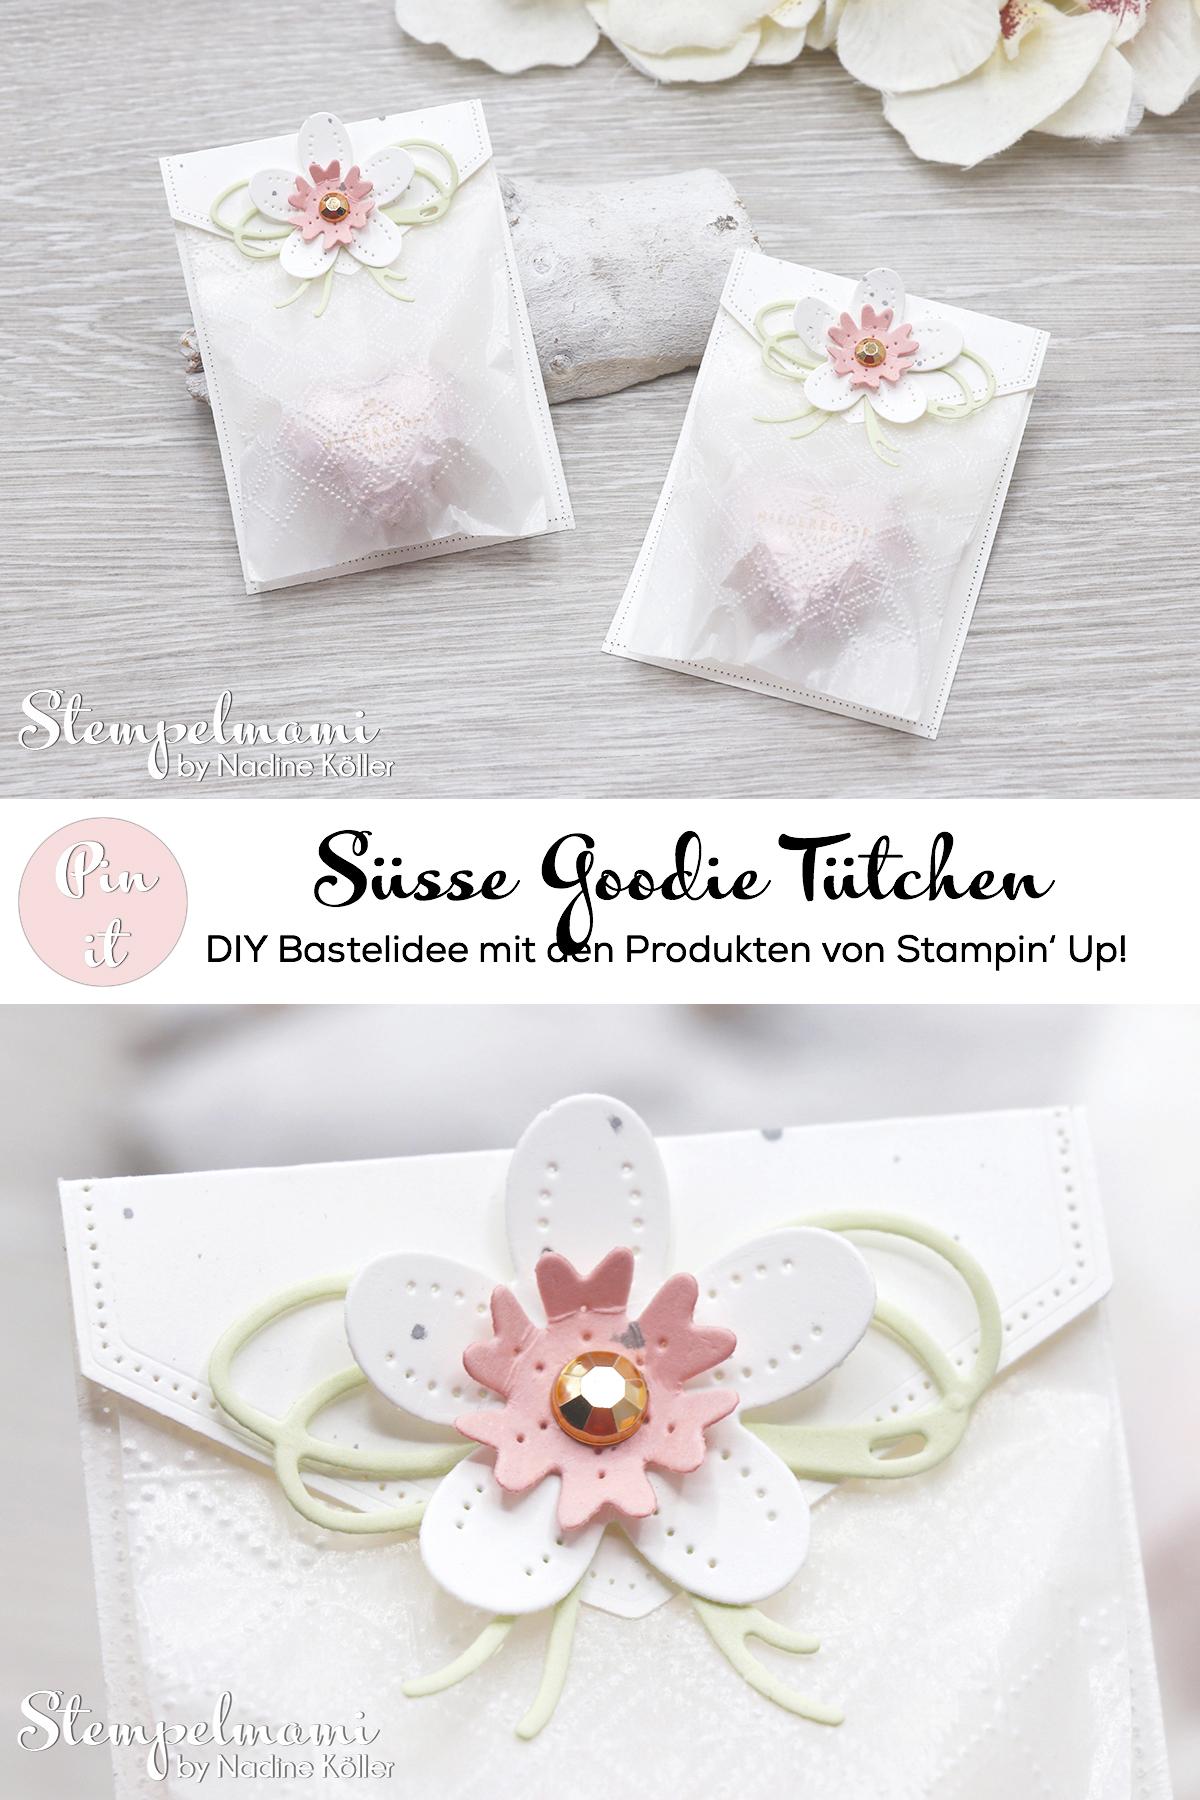 Stampin Up Herzige Goodie Tuetchen Blumen Verziert Perforierte Blumen Stempelmami 4